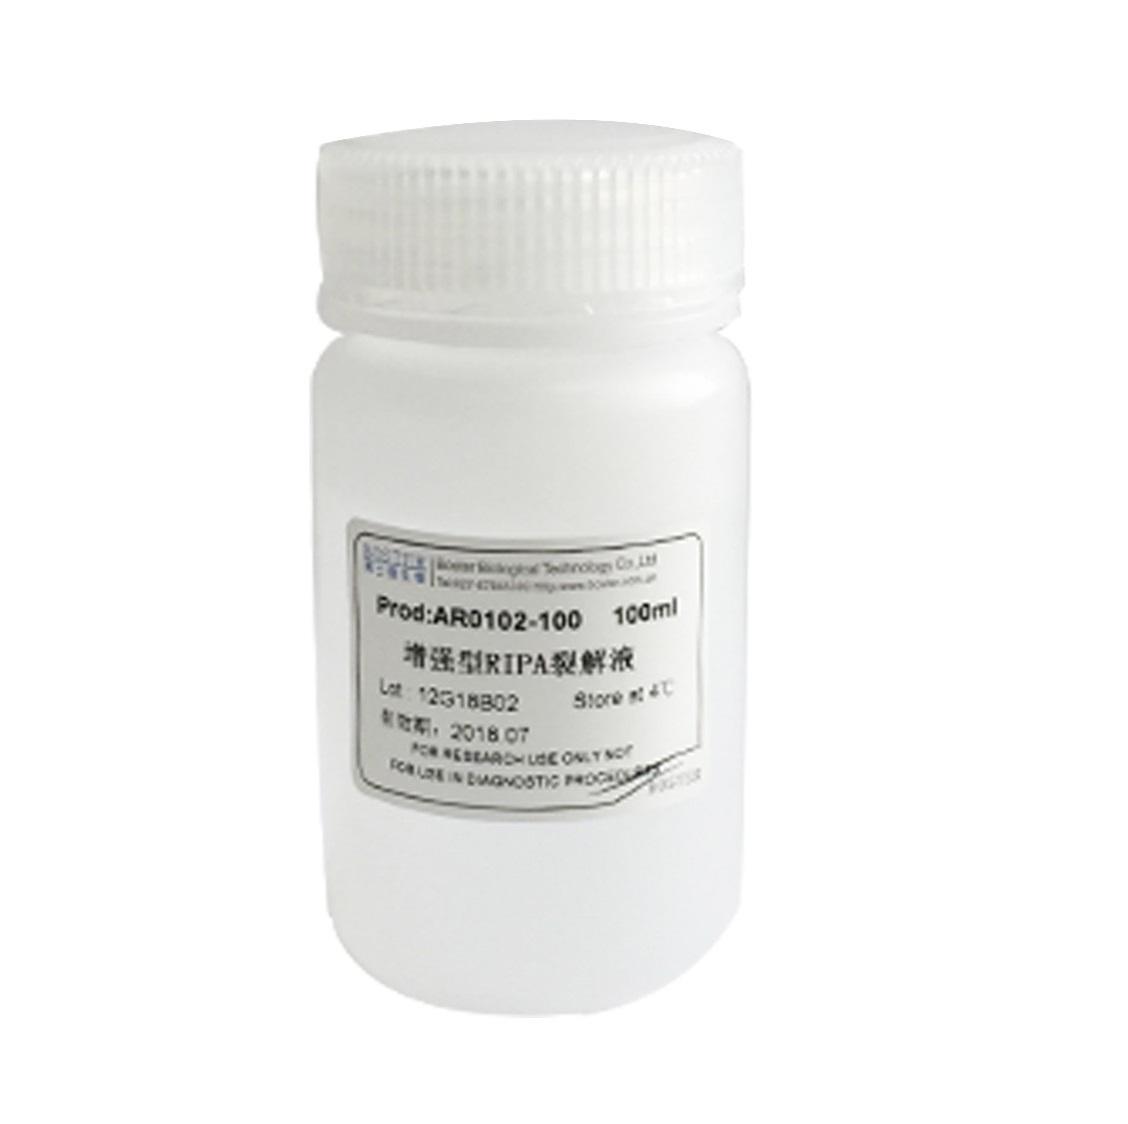 增强型RIPA裂解液